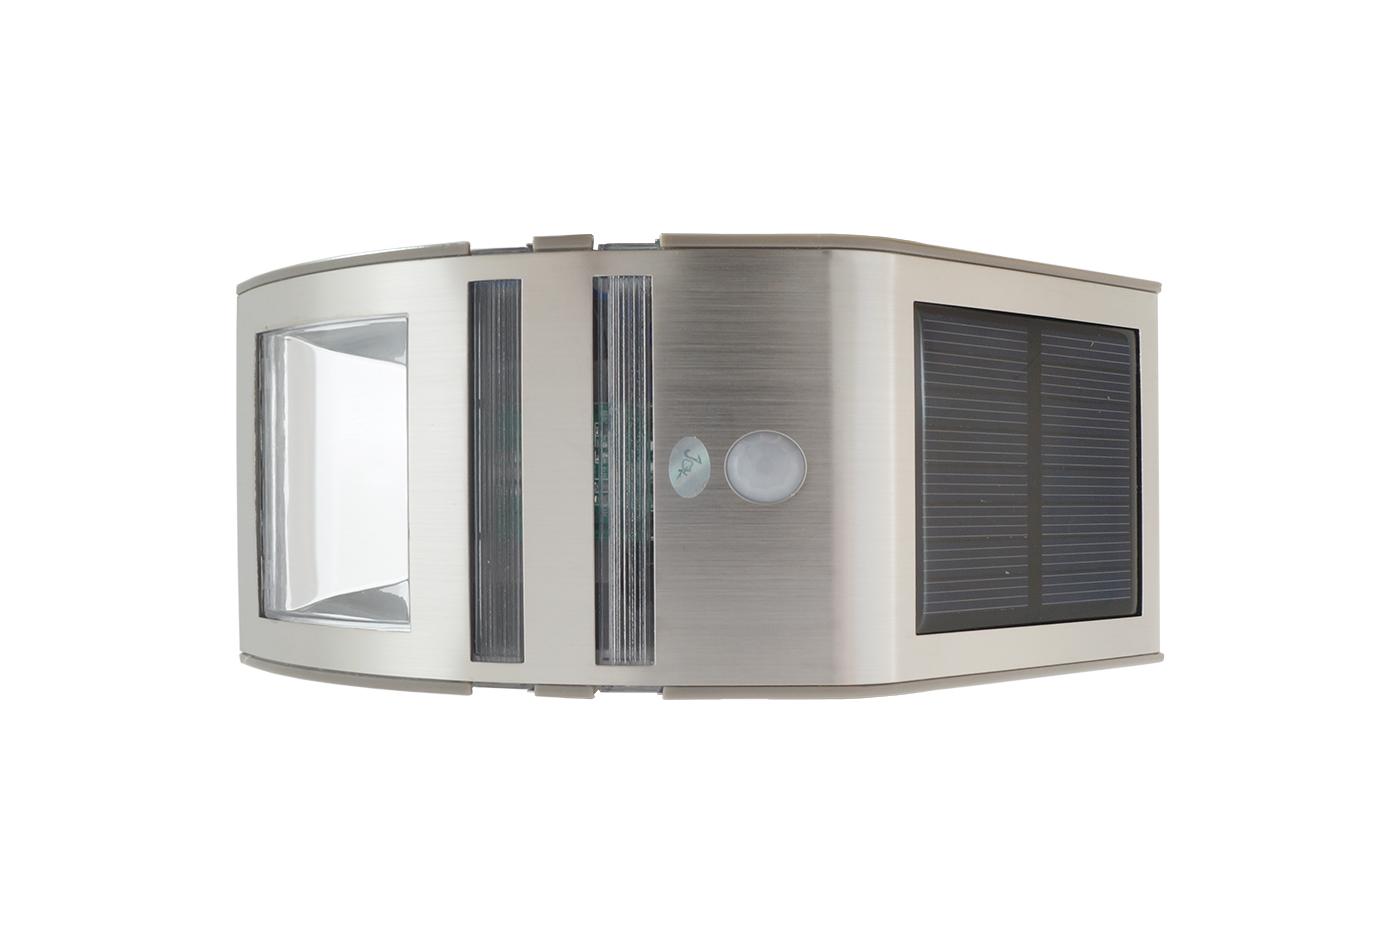 Plafoniera Da Esterno Con Sensore Crepuscolare : Lampada led da esterno con crepuscolare illuminazione